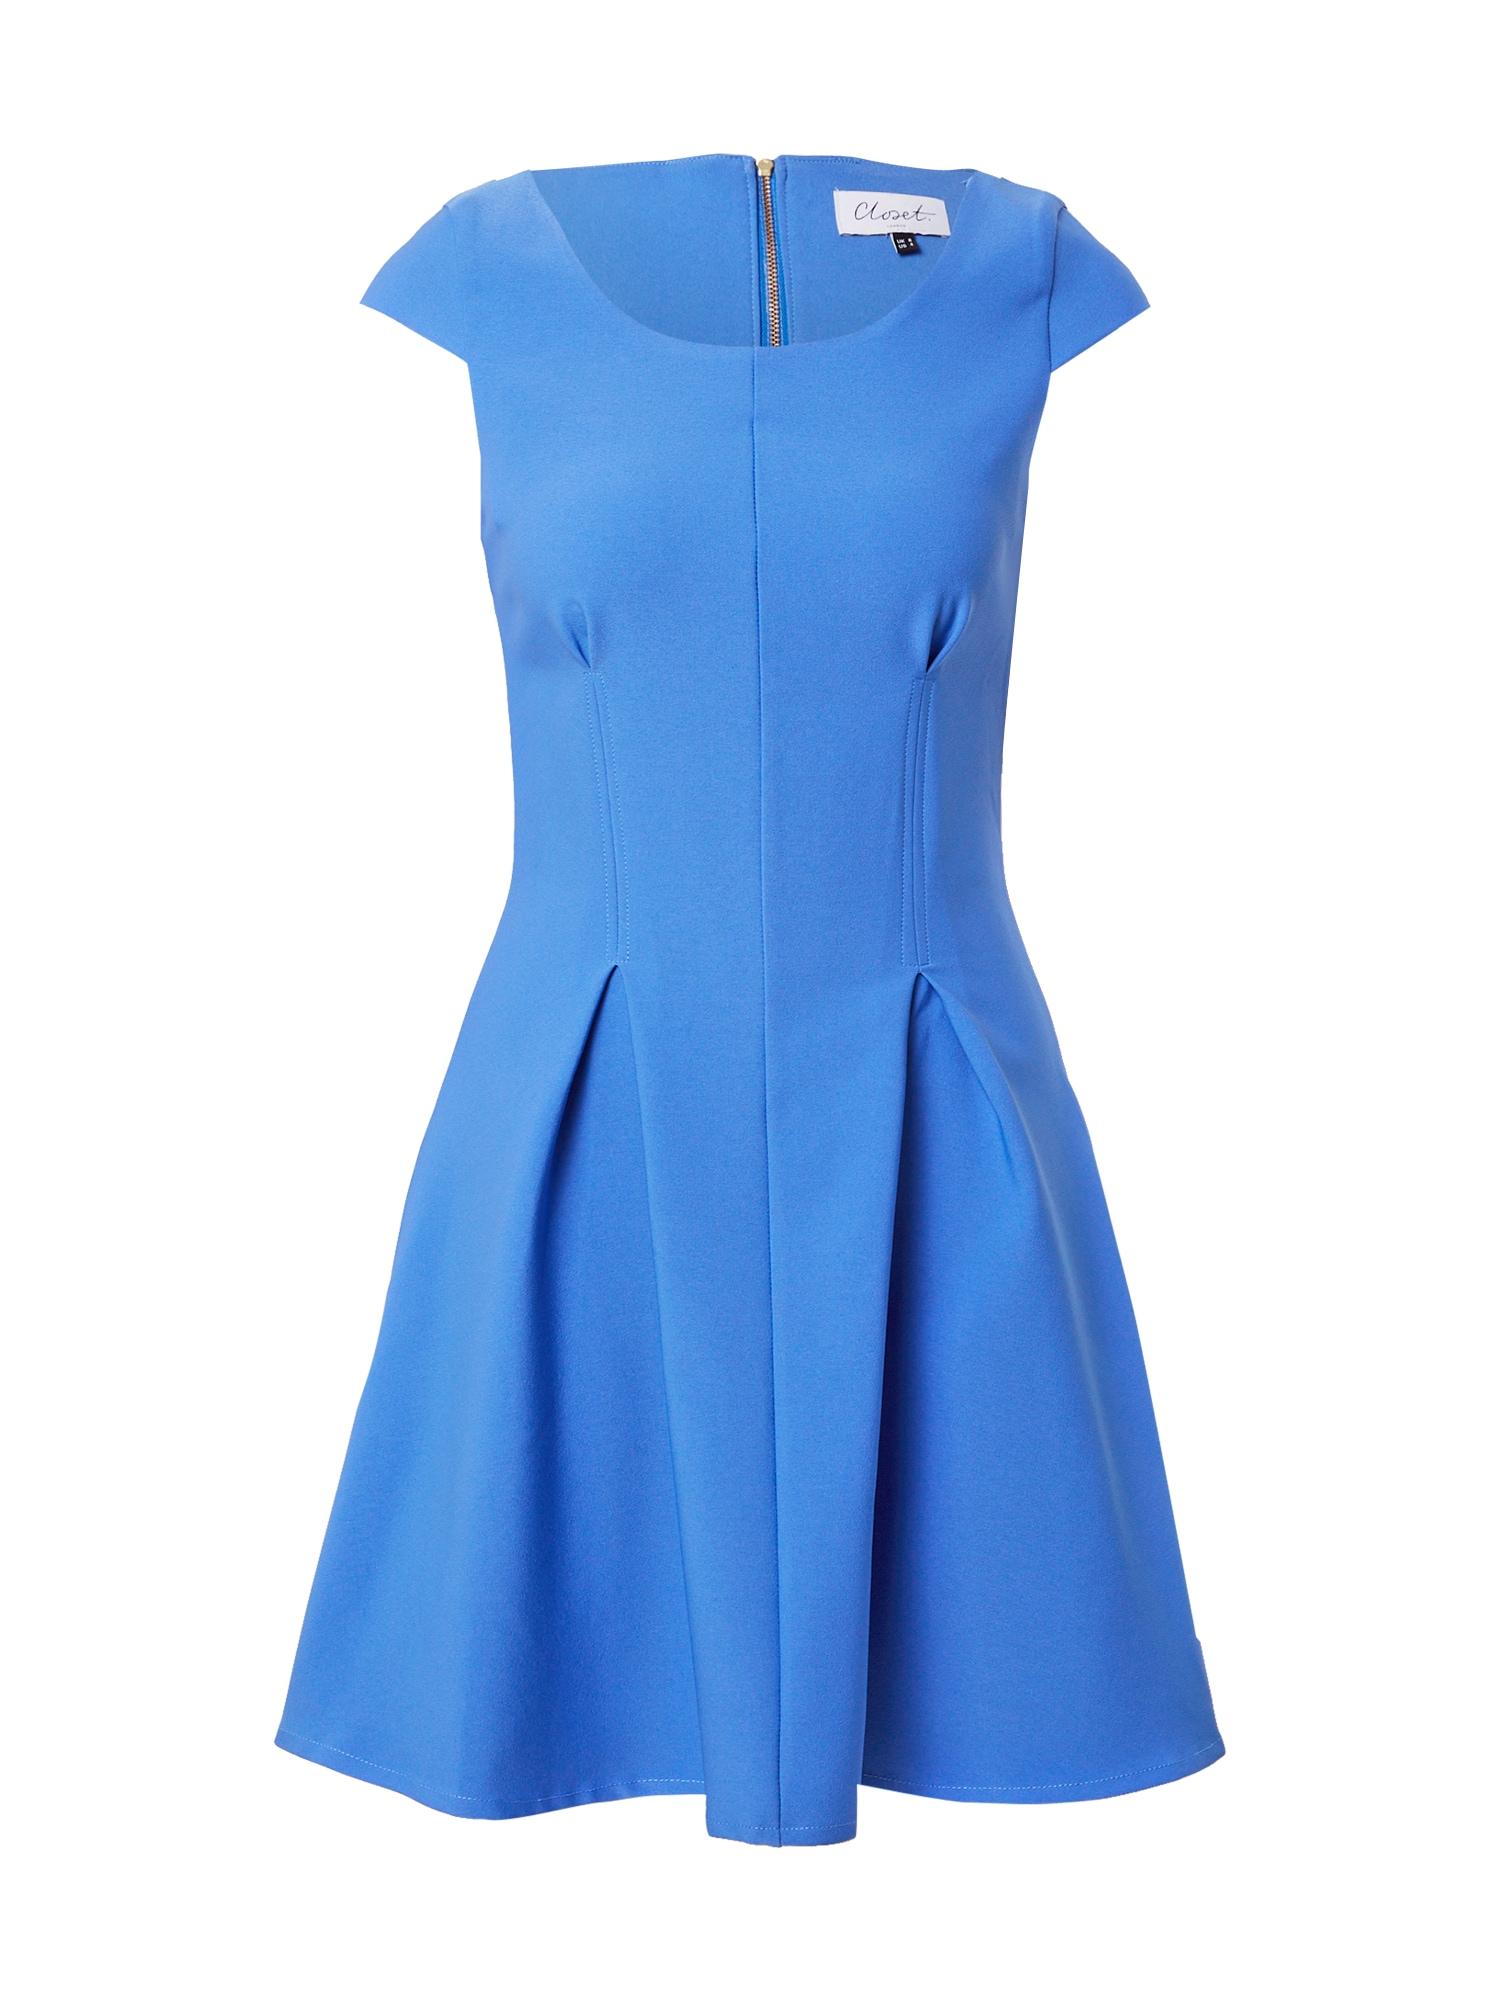 Closet London Kokteilinė suknelė dangaus žydra